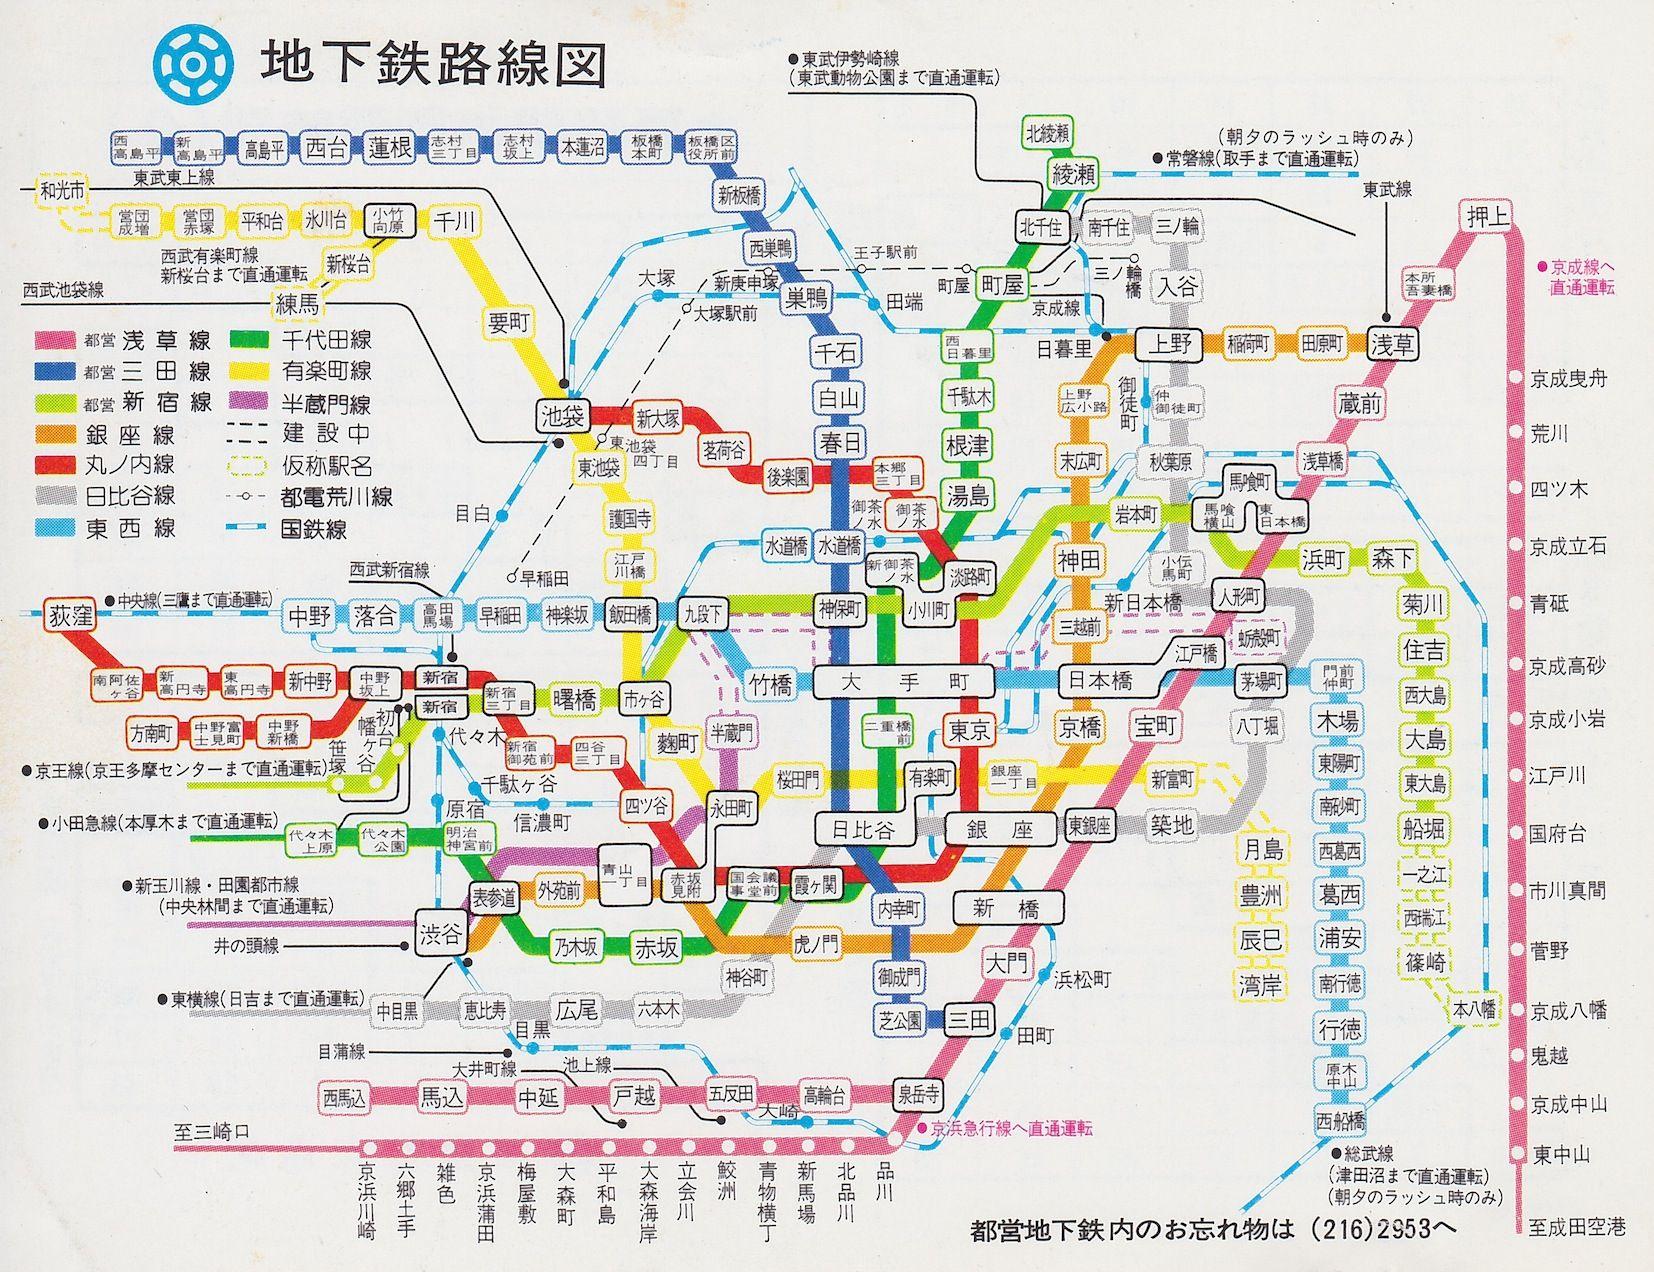 図 路線 東京 都